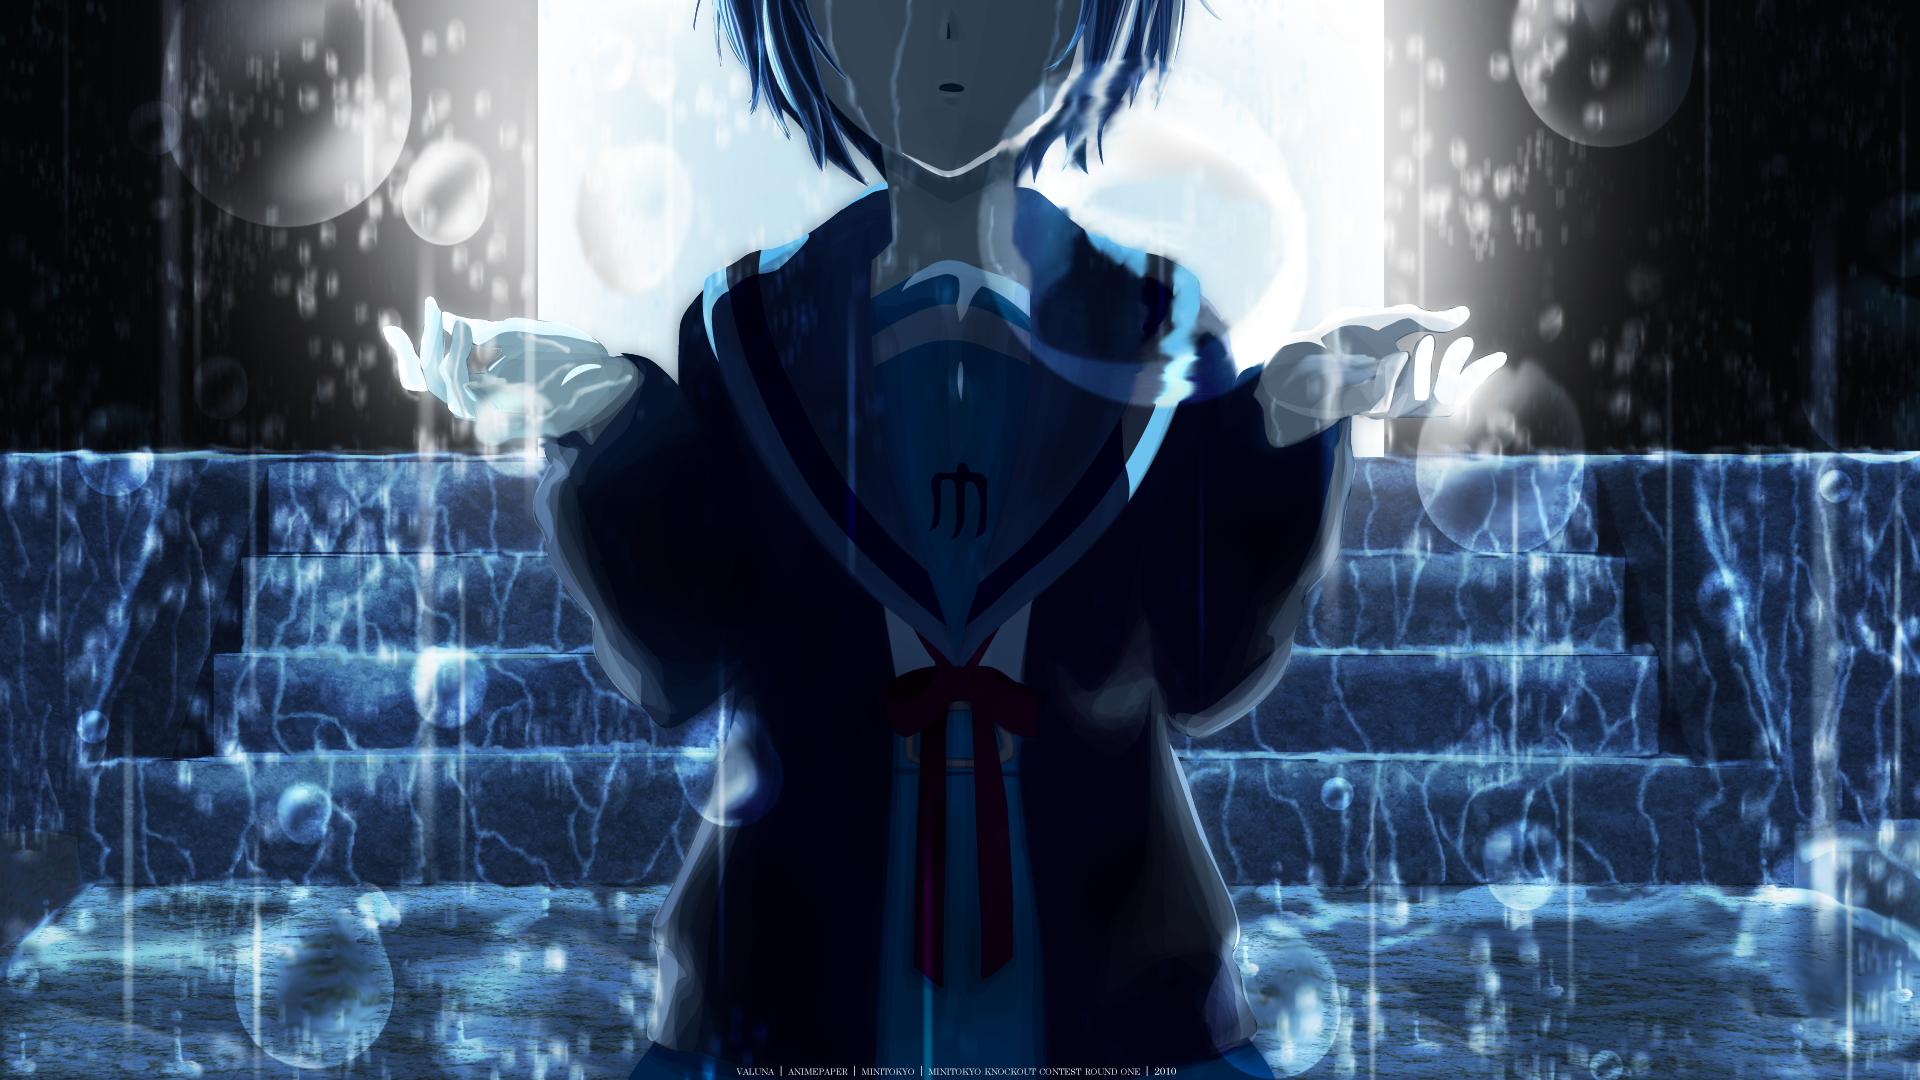 Sad Anime Girl High Definition Wallpaper - Sad Anime Wallpaper Hd - HD Wallpaper